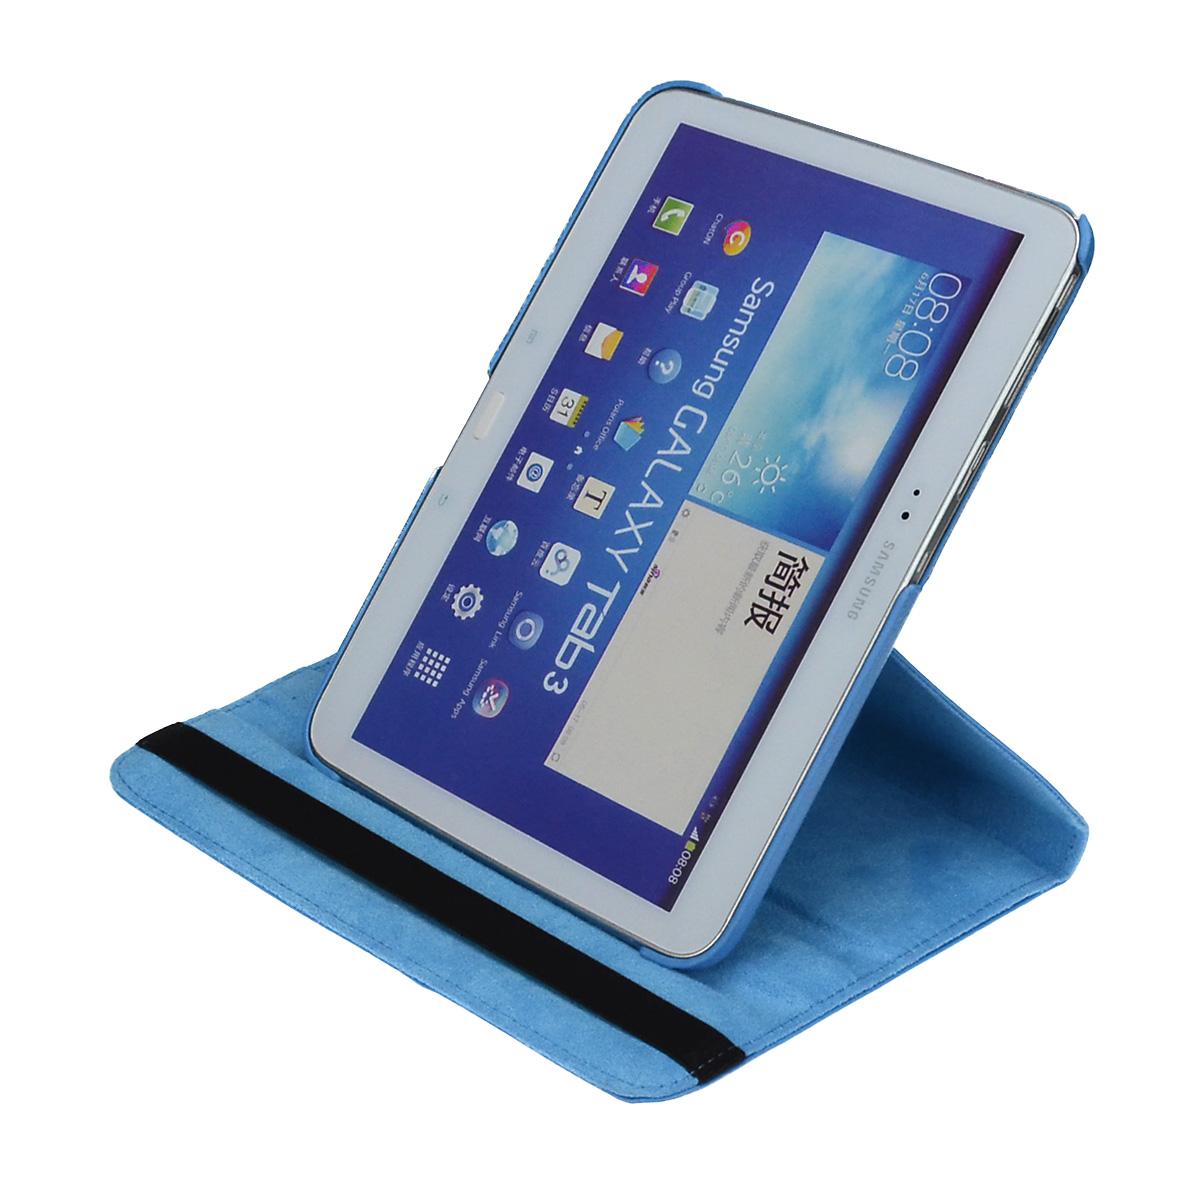 360-drehbar-Huelle-Samsung-Tab-E-9-6-Schutz-Cover-Case-Tasche-Etui-Staender-Folie Indexbild 30